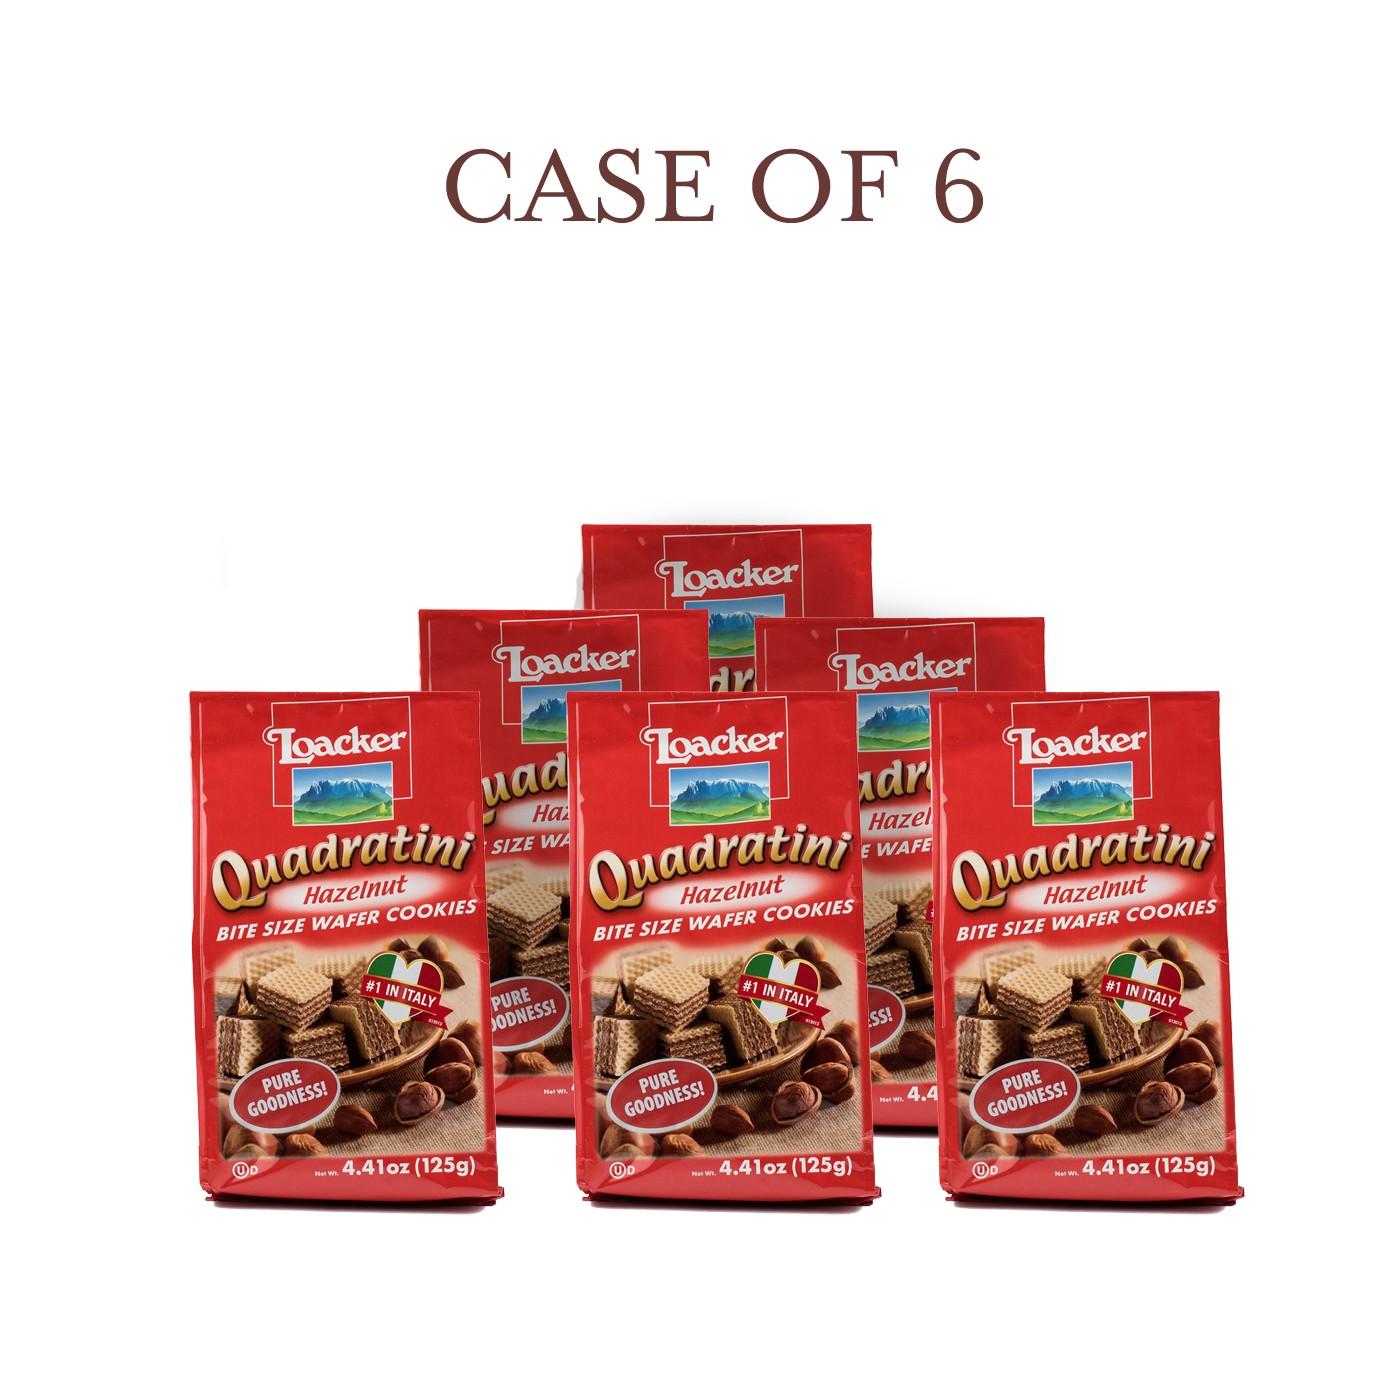 Hazelnut Quadratini - Case of 6